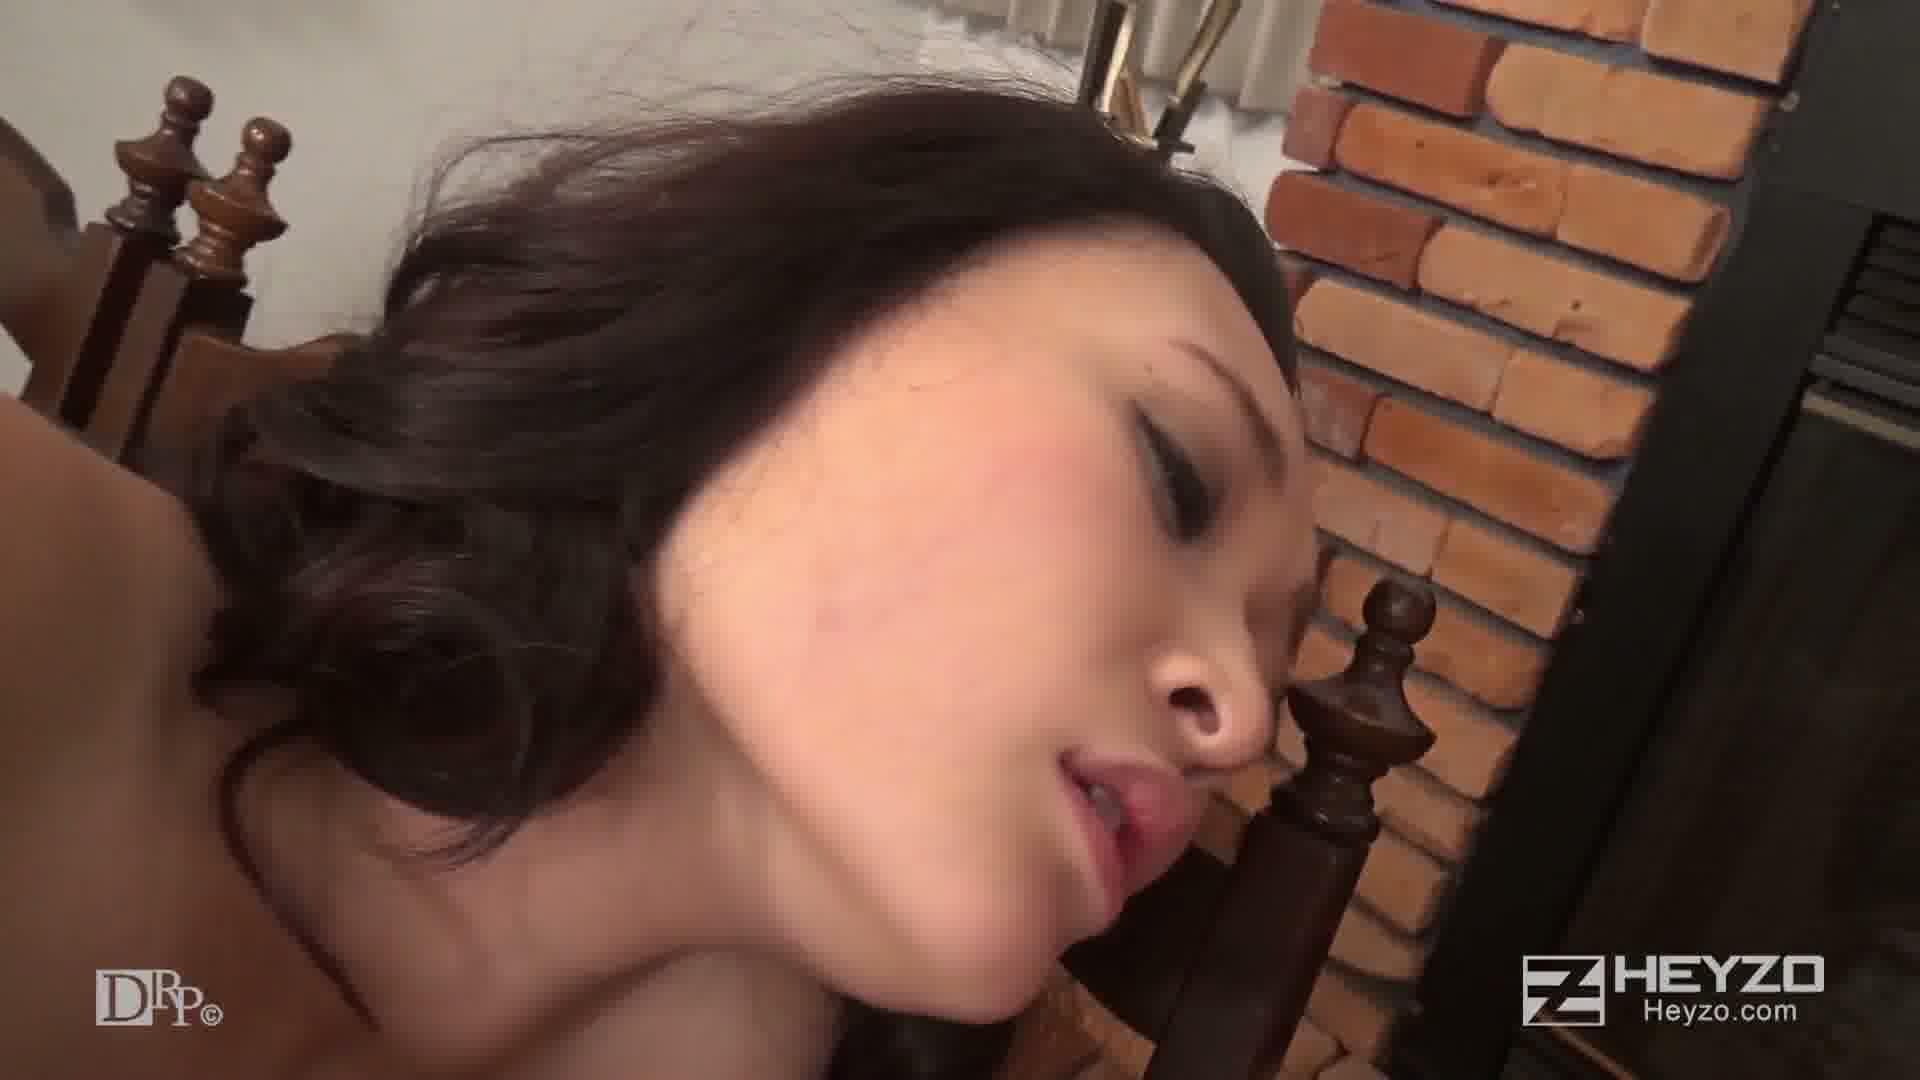 今日も精エキス吸い取ります!~女吸血鬼・アイラ~ - 真咲アイラ【指マン クンニ ベロチュー ステッキ】